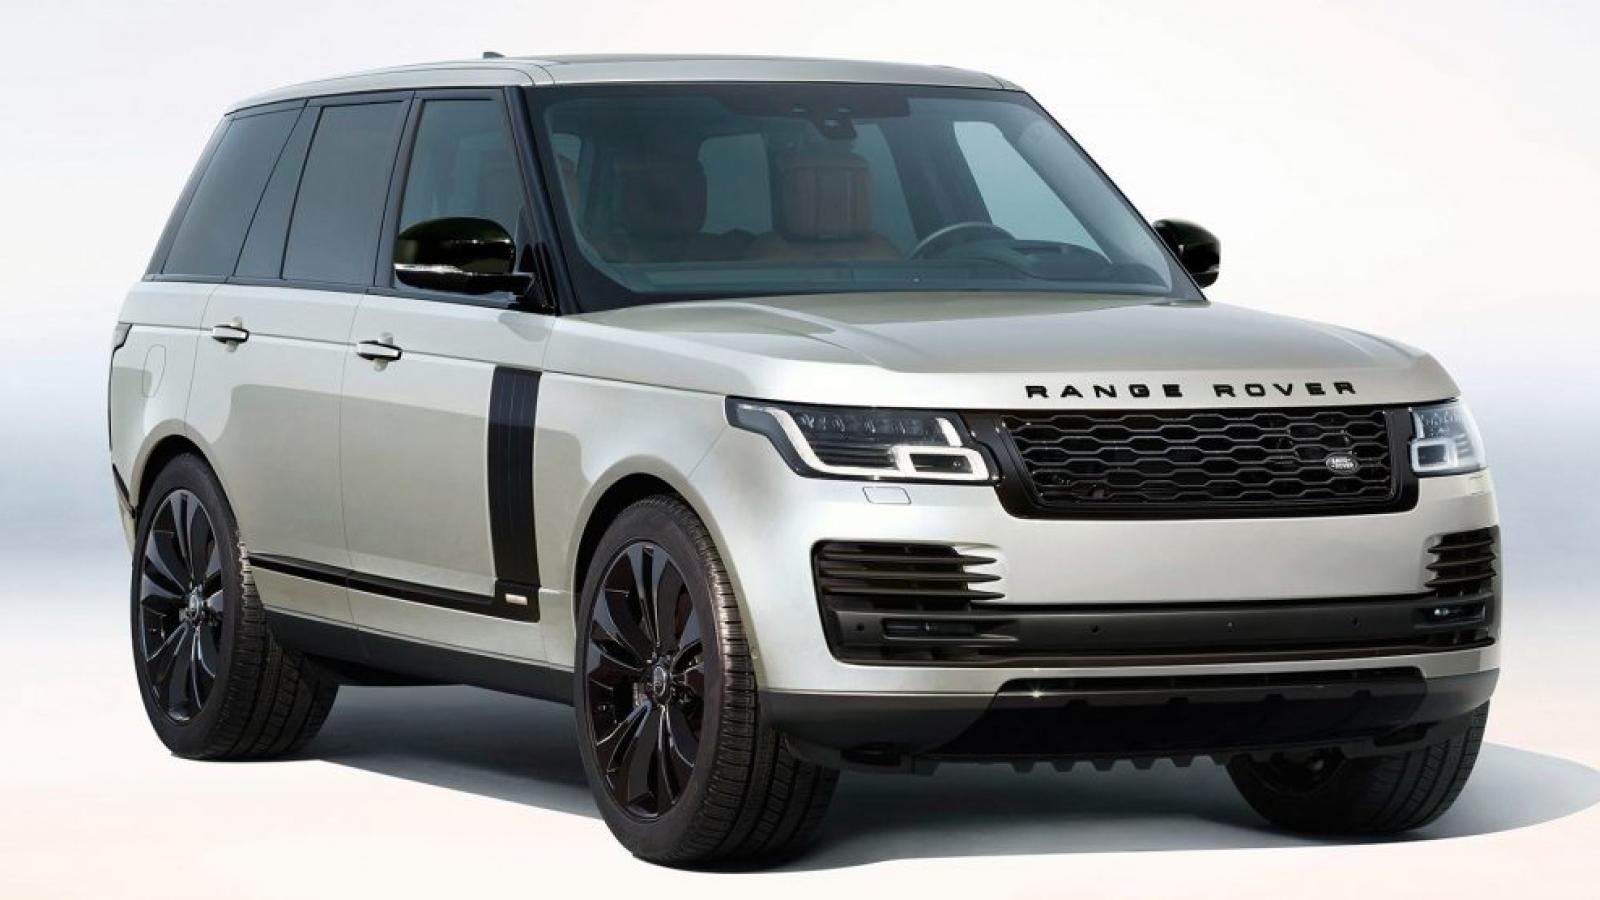 Việt Nam nằm trong Top 3 quốc gia mua xe Range Rover đắt nhất thế giới